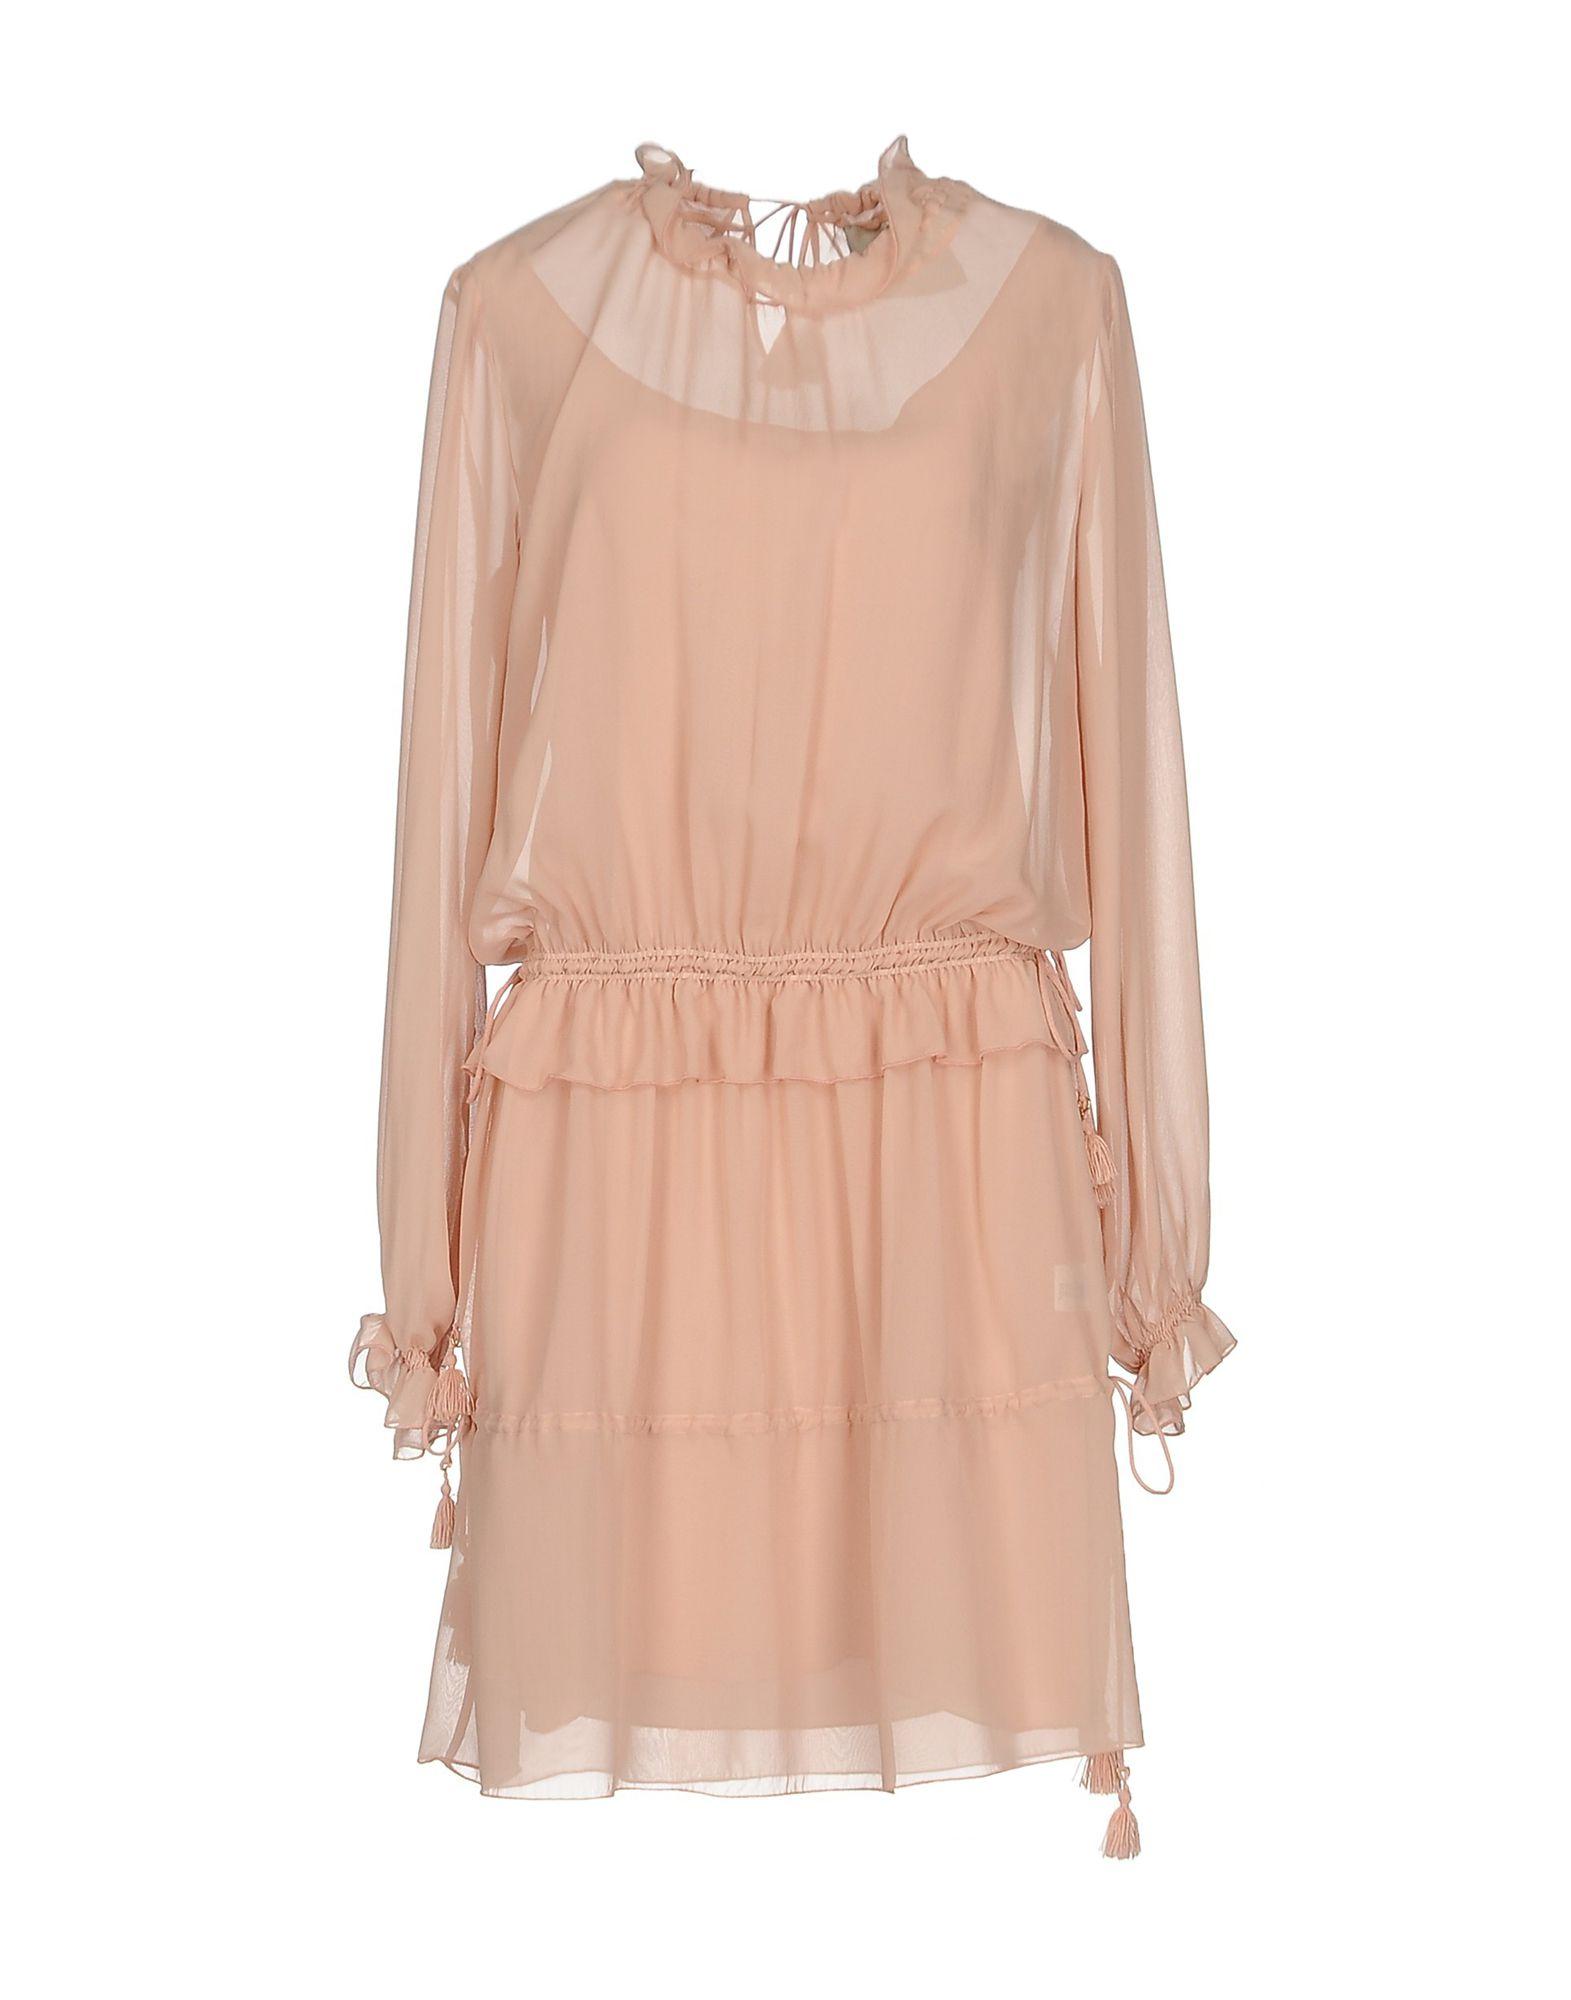 LOLA SWING Damen Kurzes Kleid Farbe Rosa Größe 3